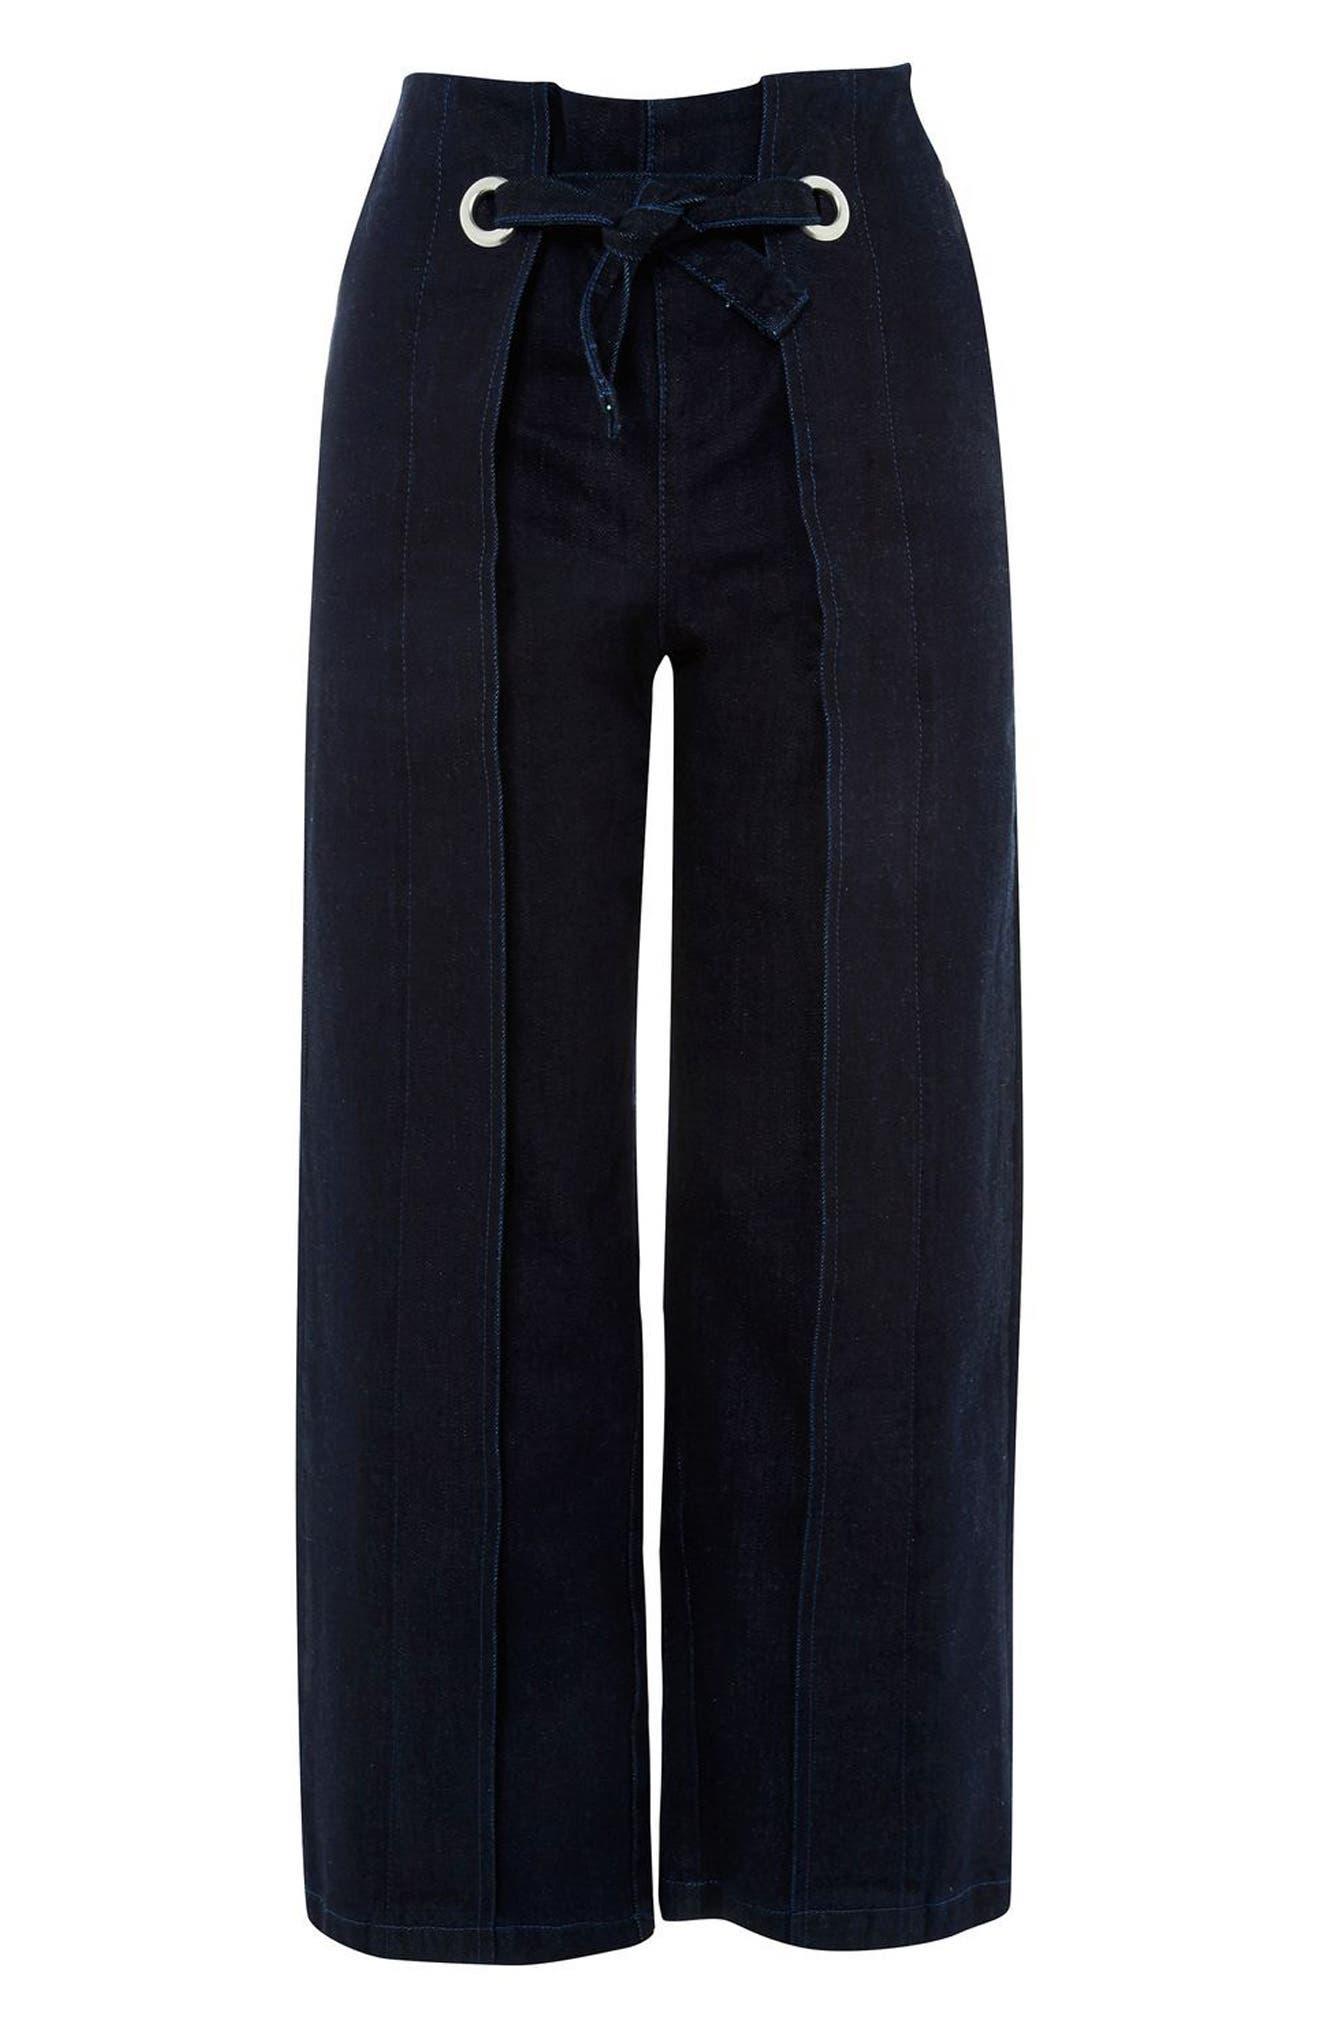 Main Image - Topshop Tie Front Wide Leg Crop Jeans